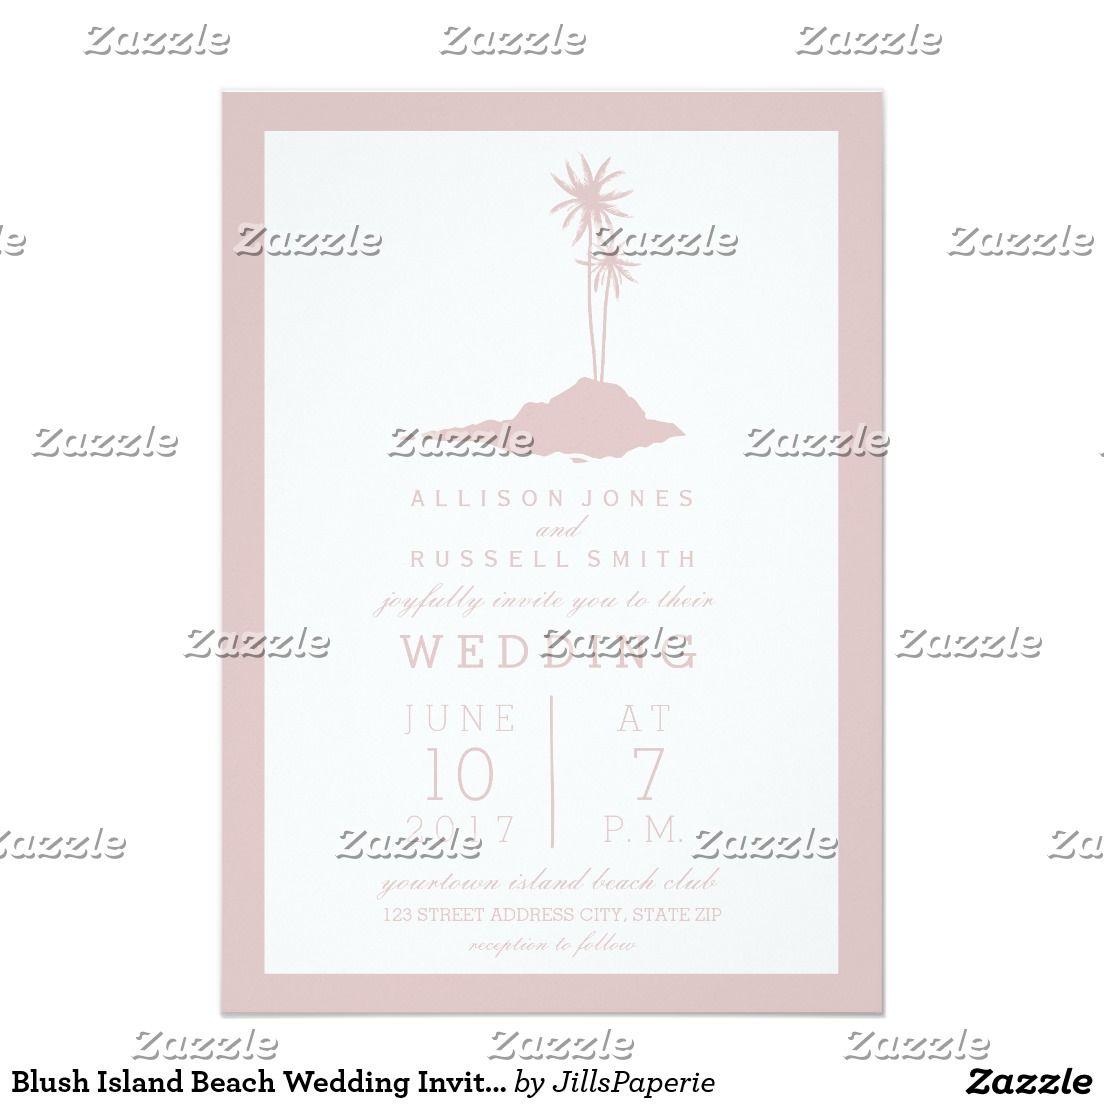 Blush Island Beach Wedding Invitation